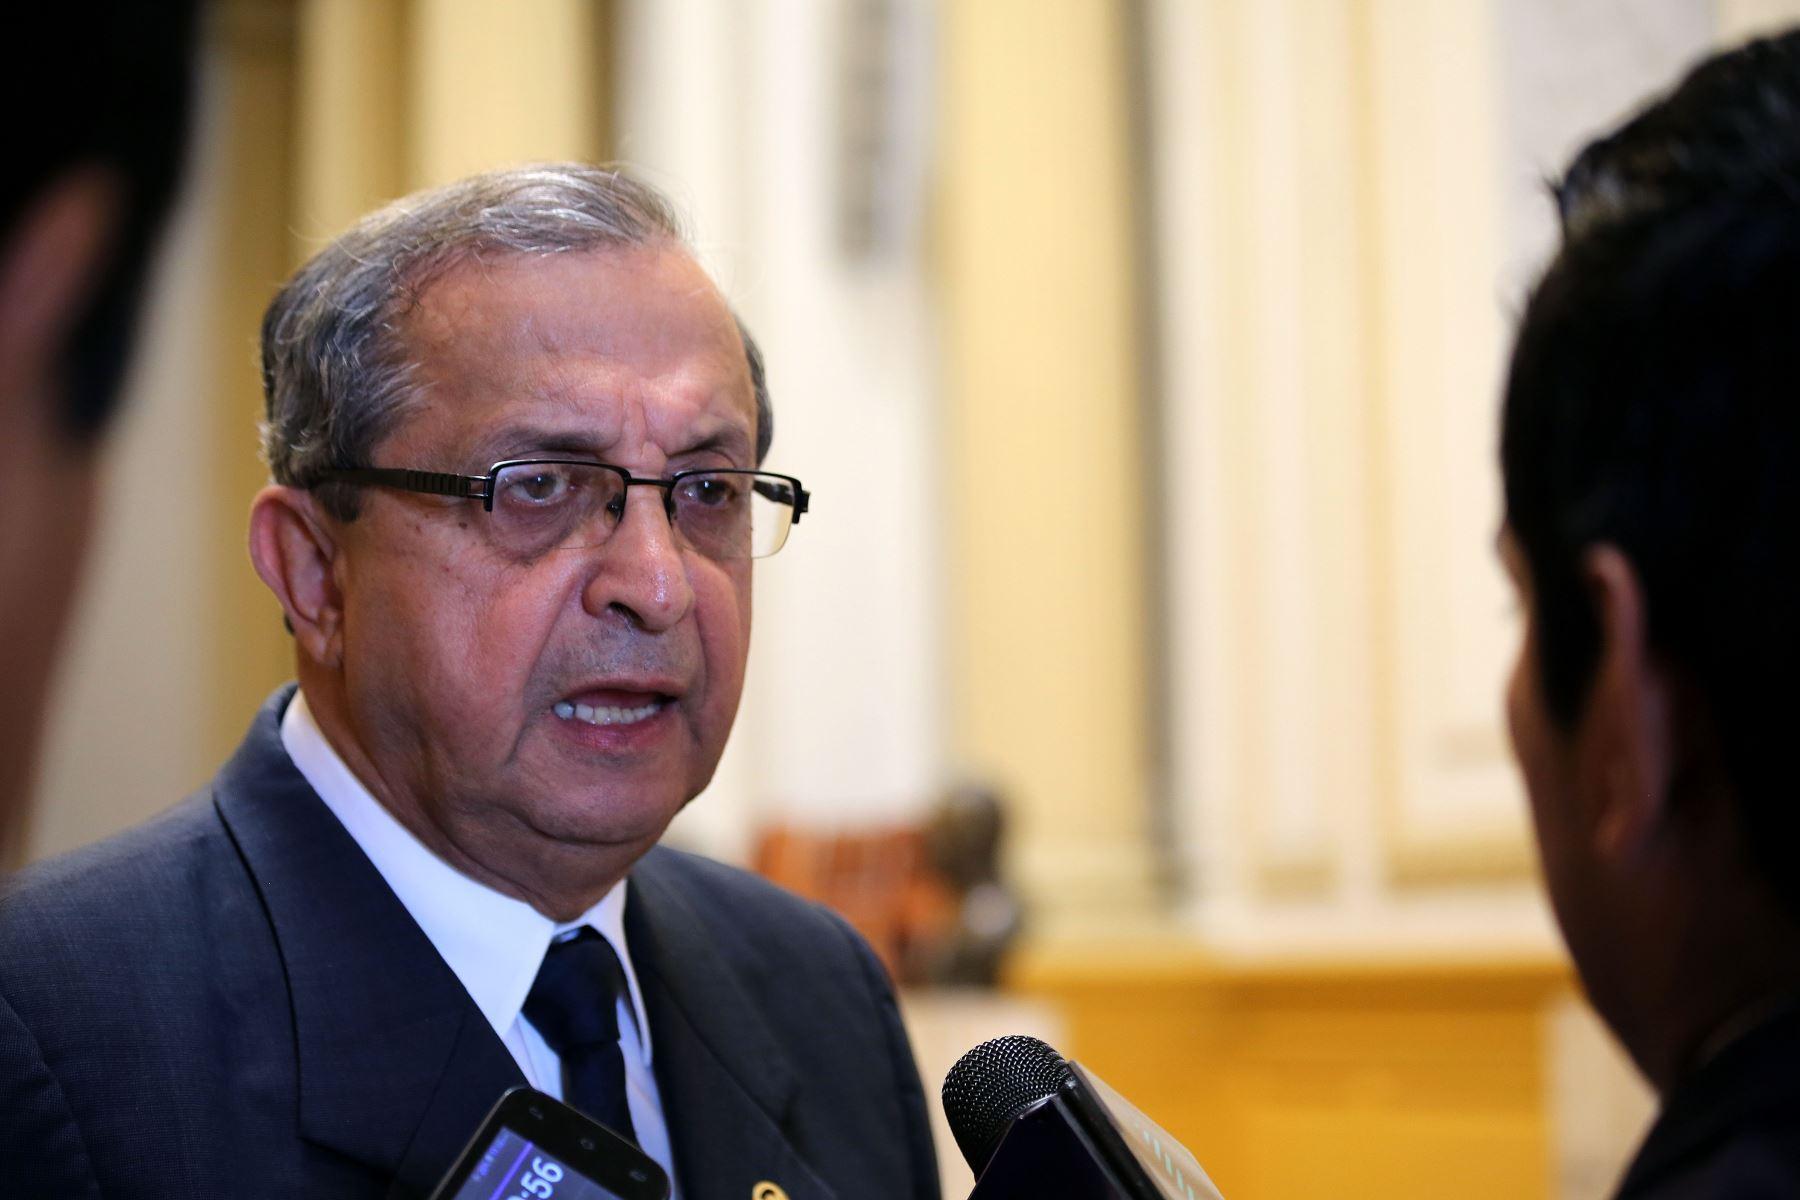 Congresista Daniel Mora, presidente de la Comisión de Educación del Congreso de la República. ANDINA/Difusión